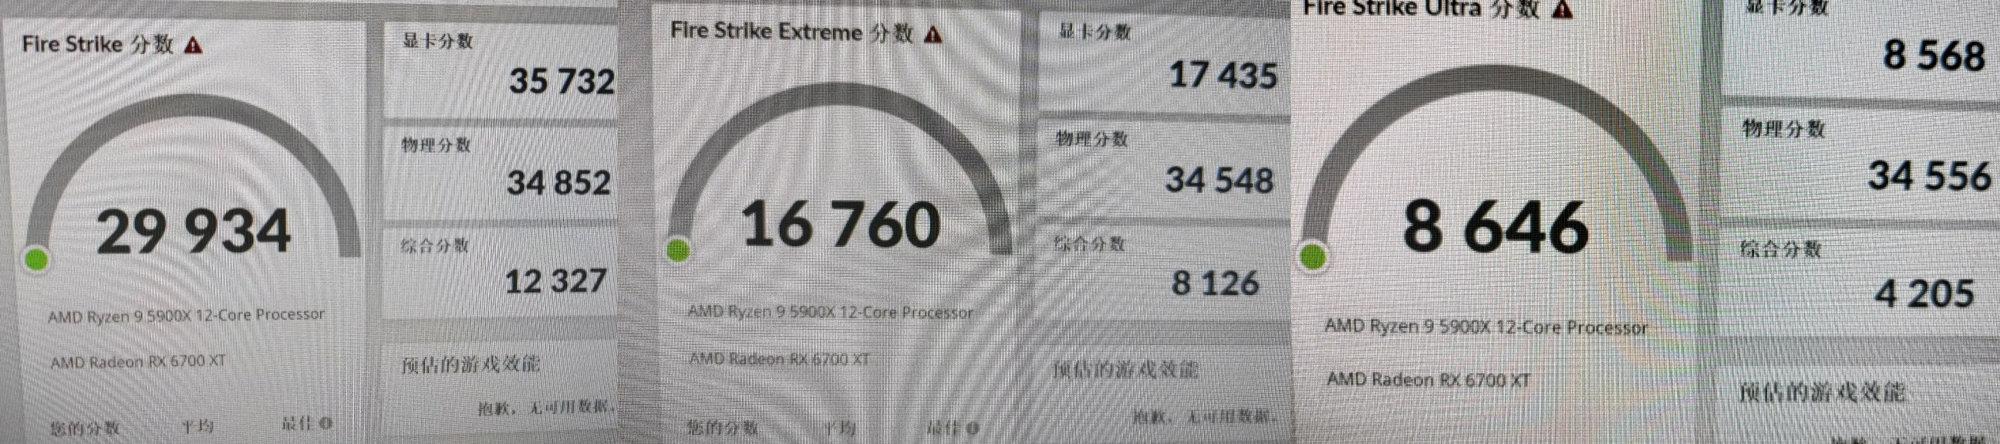 https://cdn.videocardz.com/1/2021/03/Sapphire-Radeon-RX-6700-XT-NITRO-3DMark-Fire-Strike.jpg